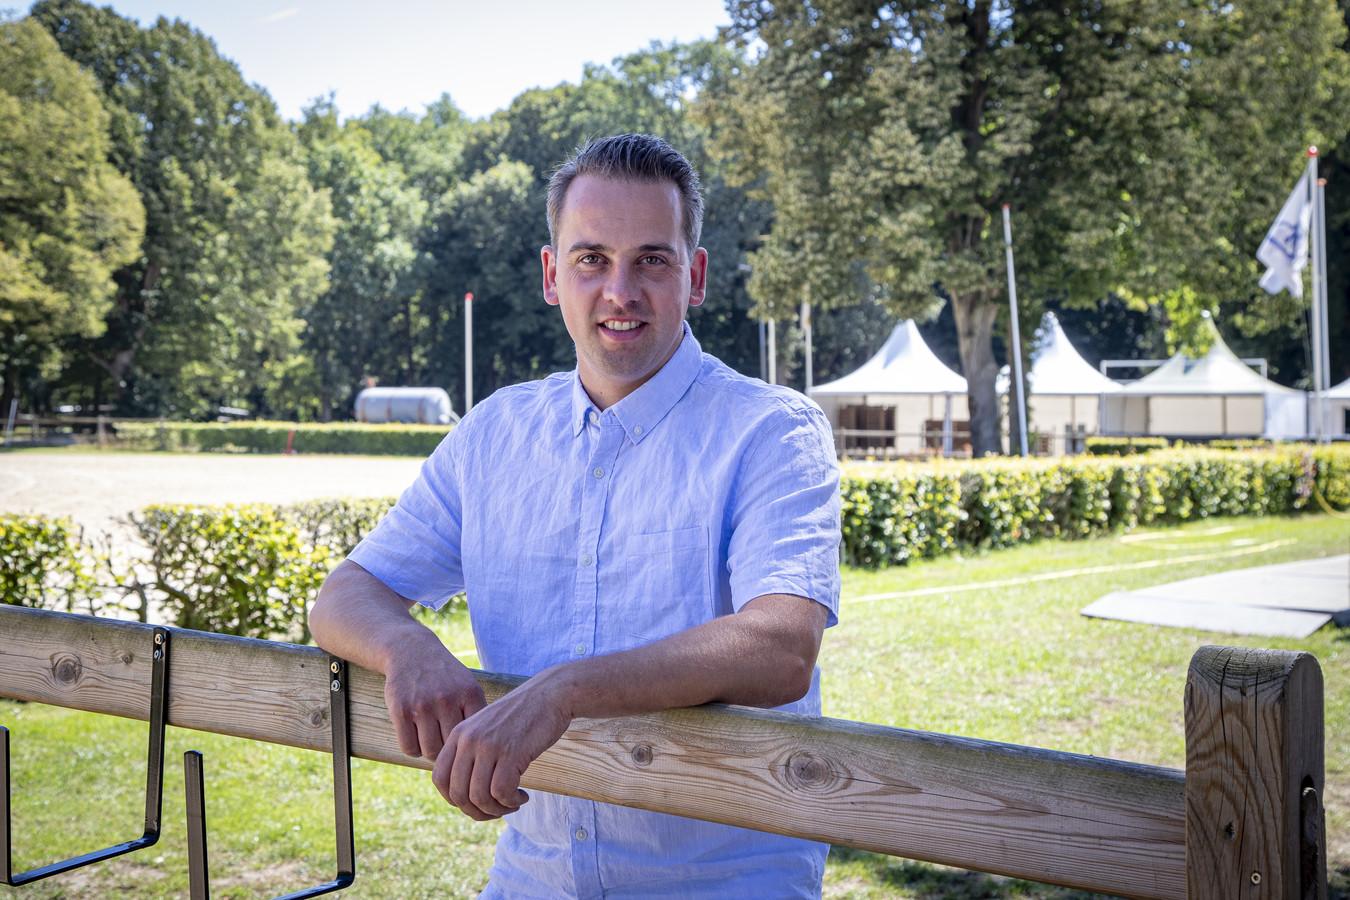 Ruben Hofman kan weer lachen: de KNHS informeerde of 'zijn' concours op het terrein van Manege De Vossenbos alsnog door kan gaan. Dat gaat gebeuren.